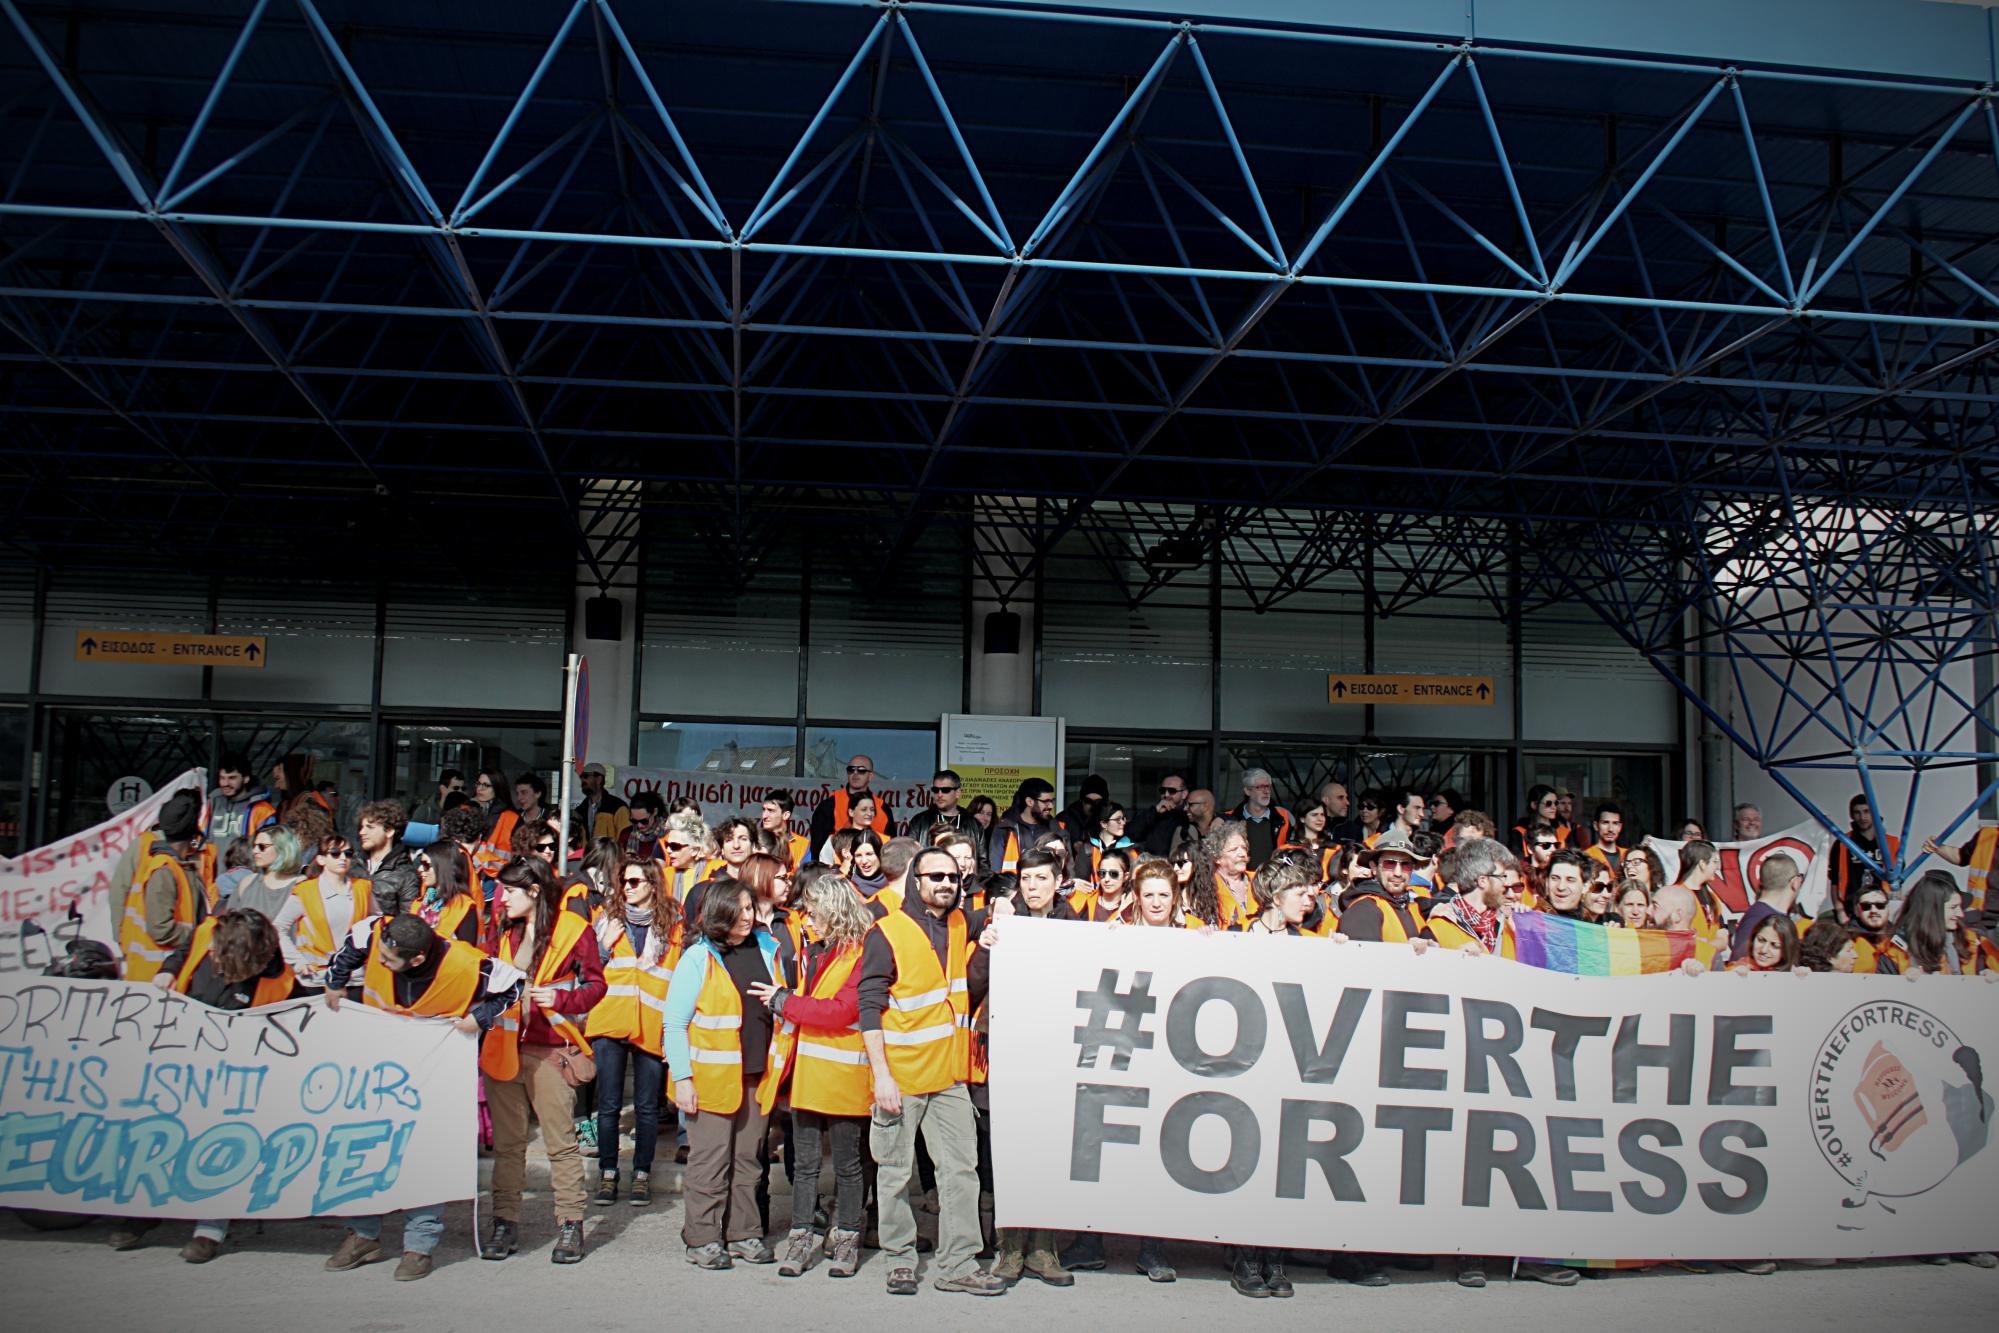 I partecipanti alla marcia #overthefortress (foto di Lucia Pantella)